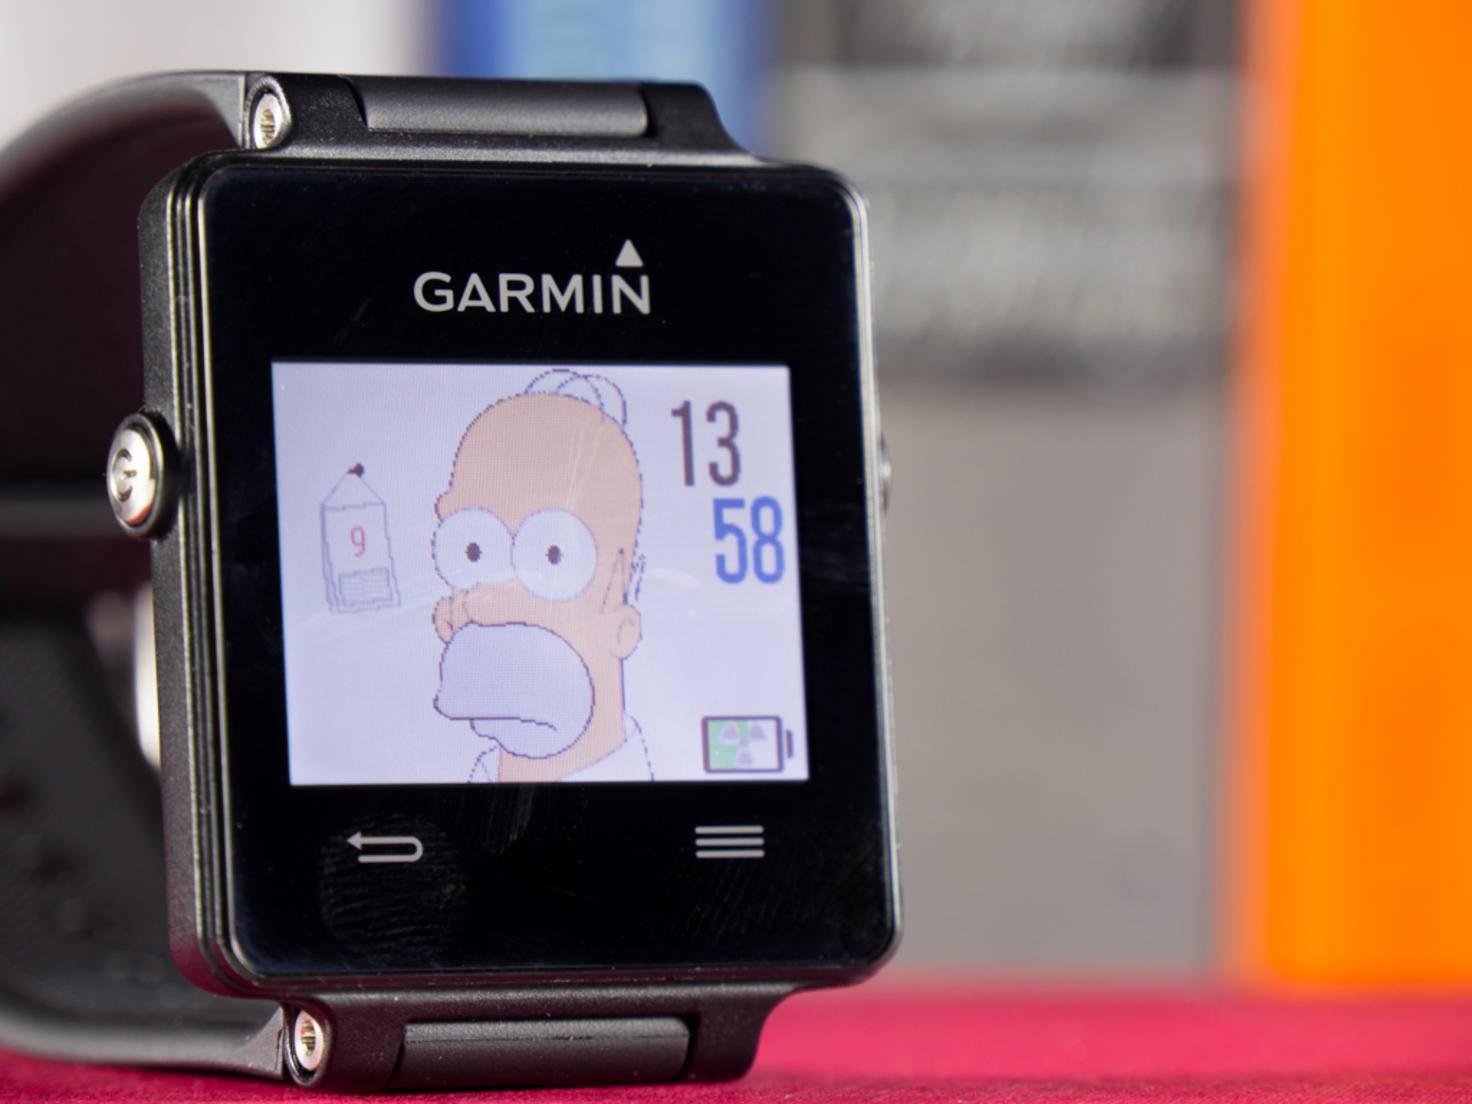 Keine Sorge: Mit zunehmender Schrittzahl guckt Homer Simpson immer freundlicher.